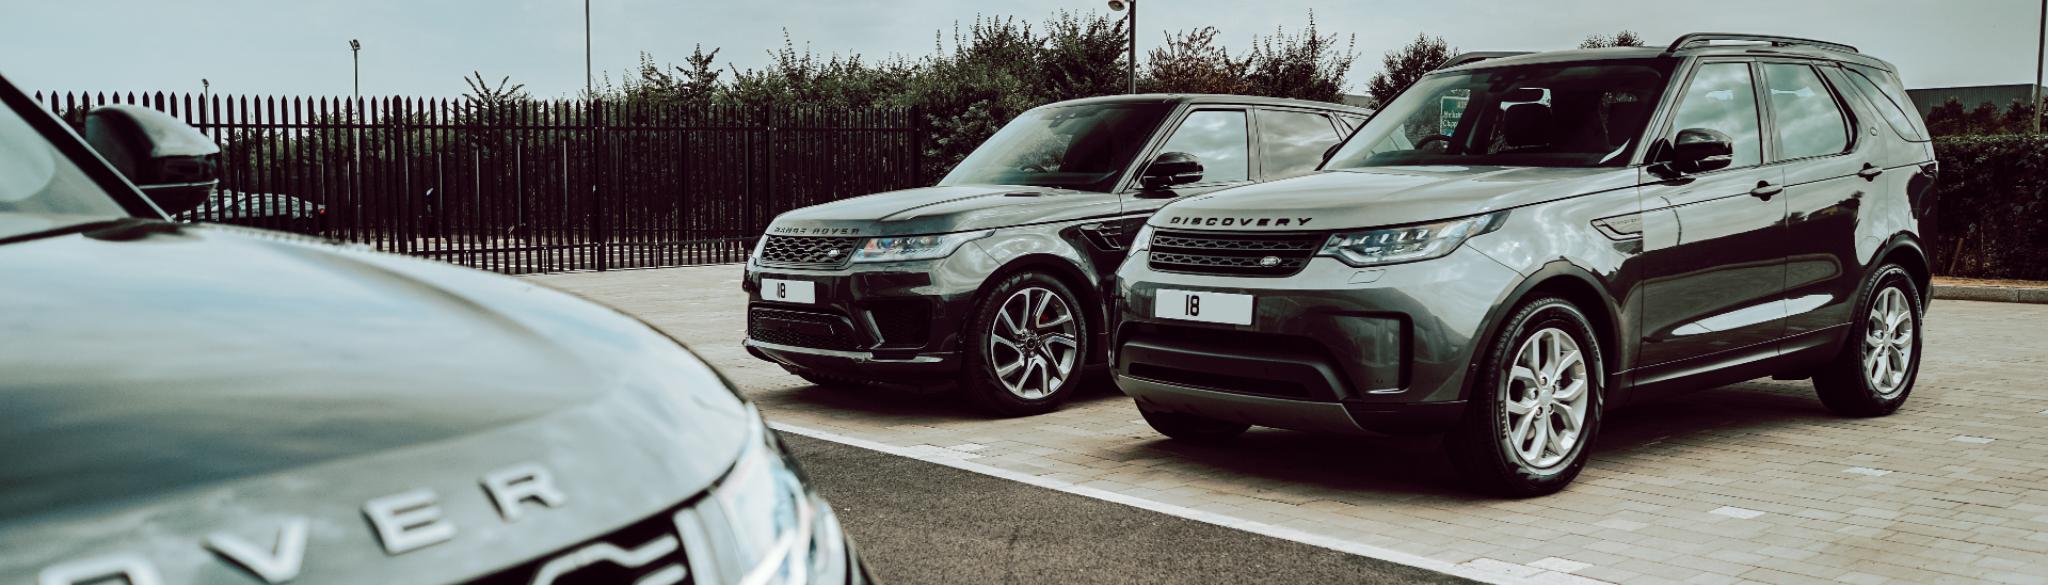 Approved Used Land Rover Melksham